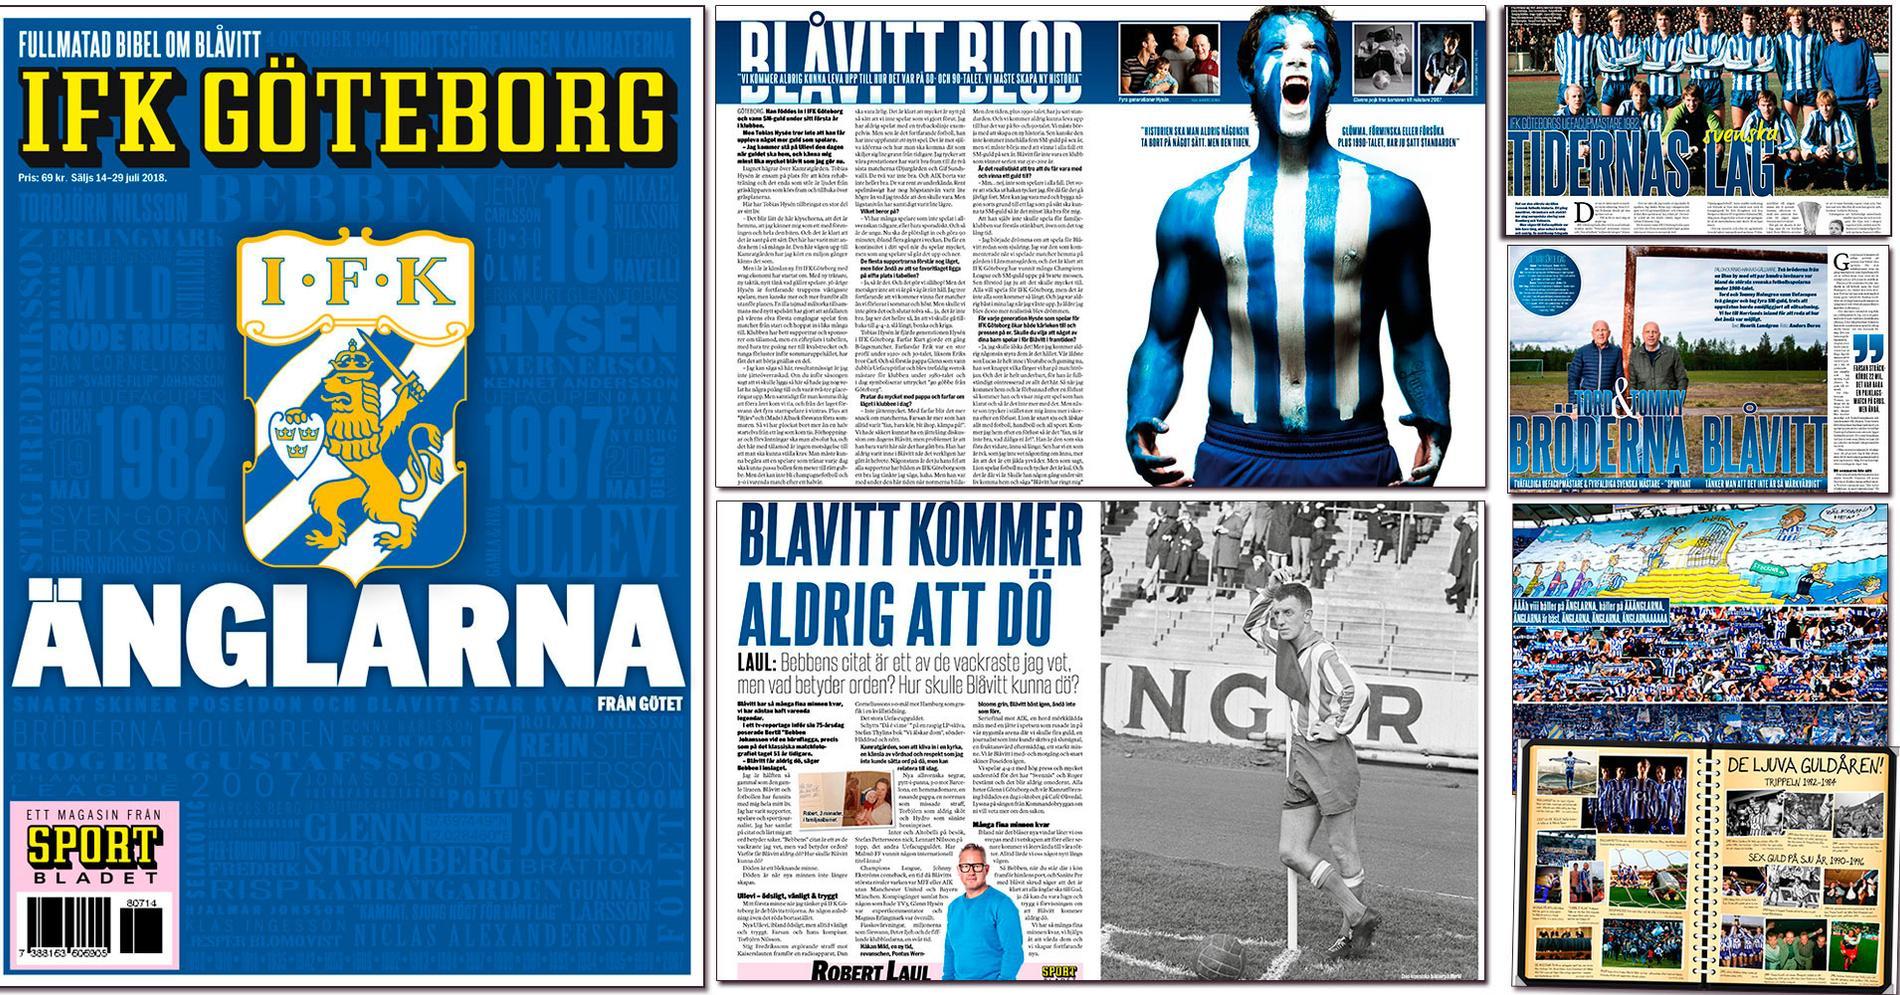 Några av uppslagen i fullmatade bibeln om IFK Göteborg.